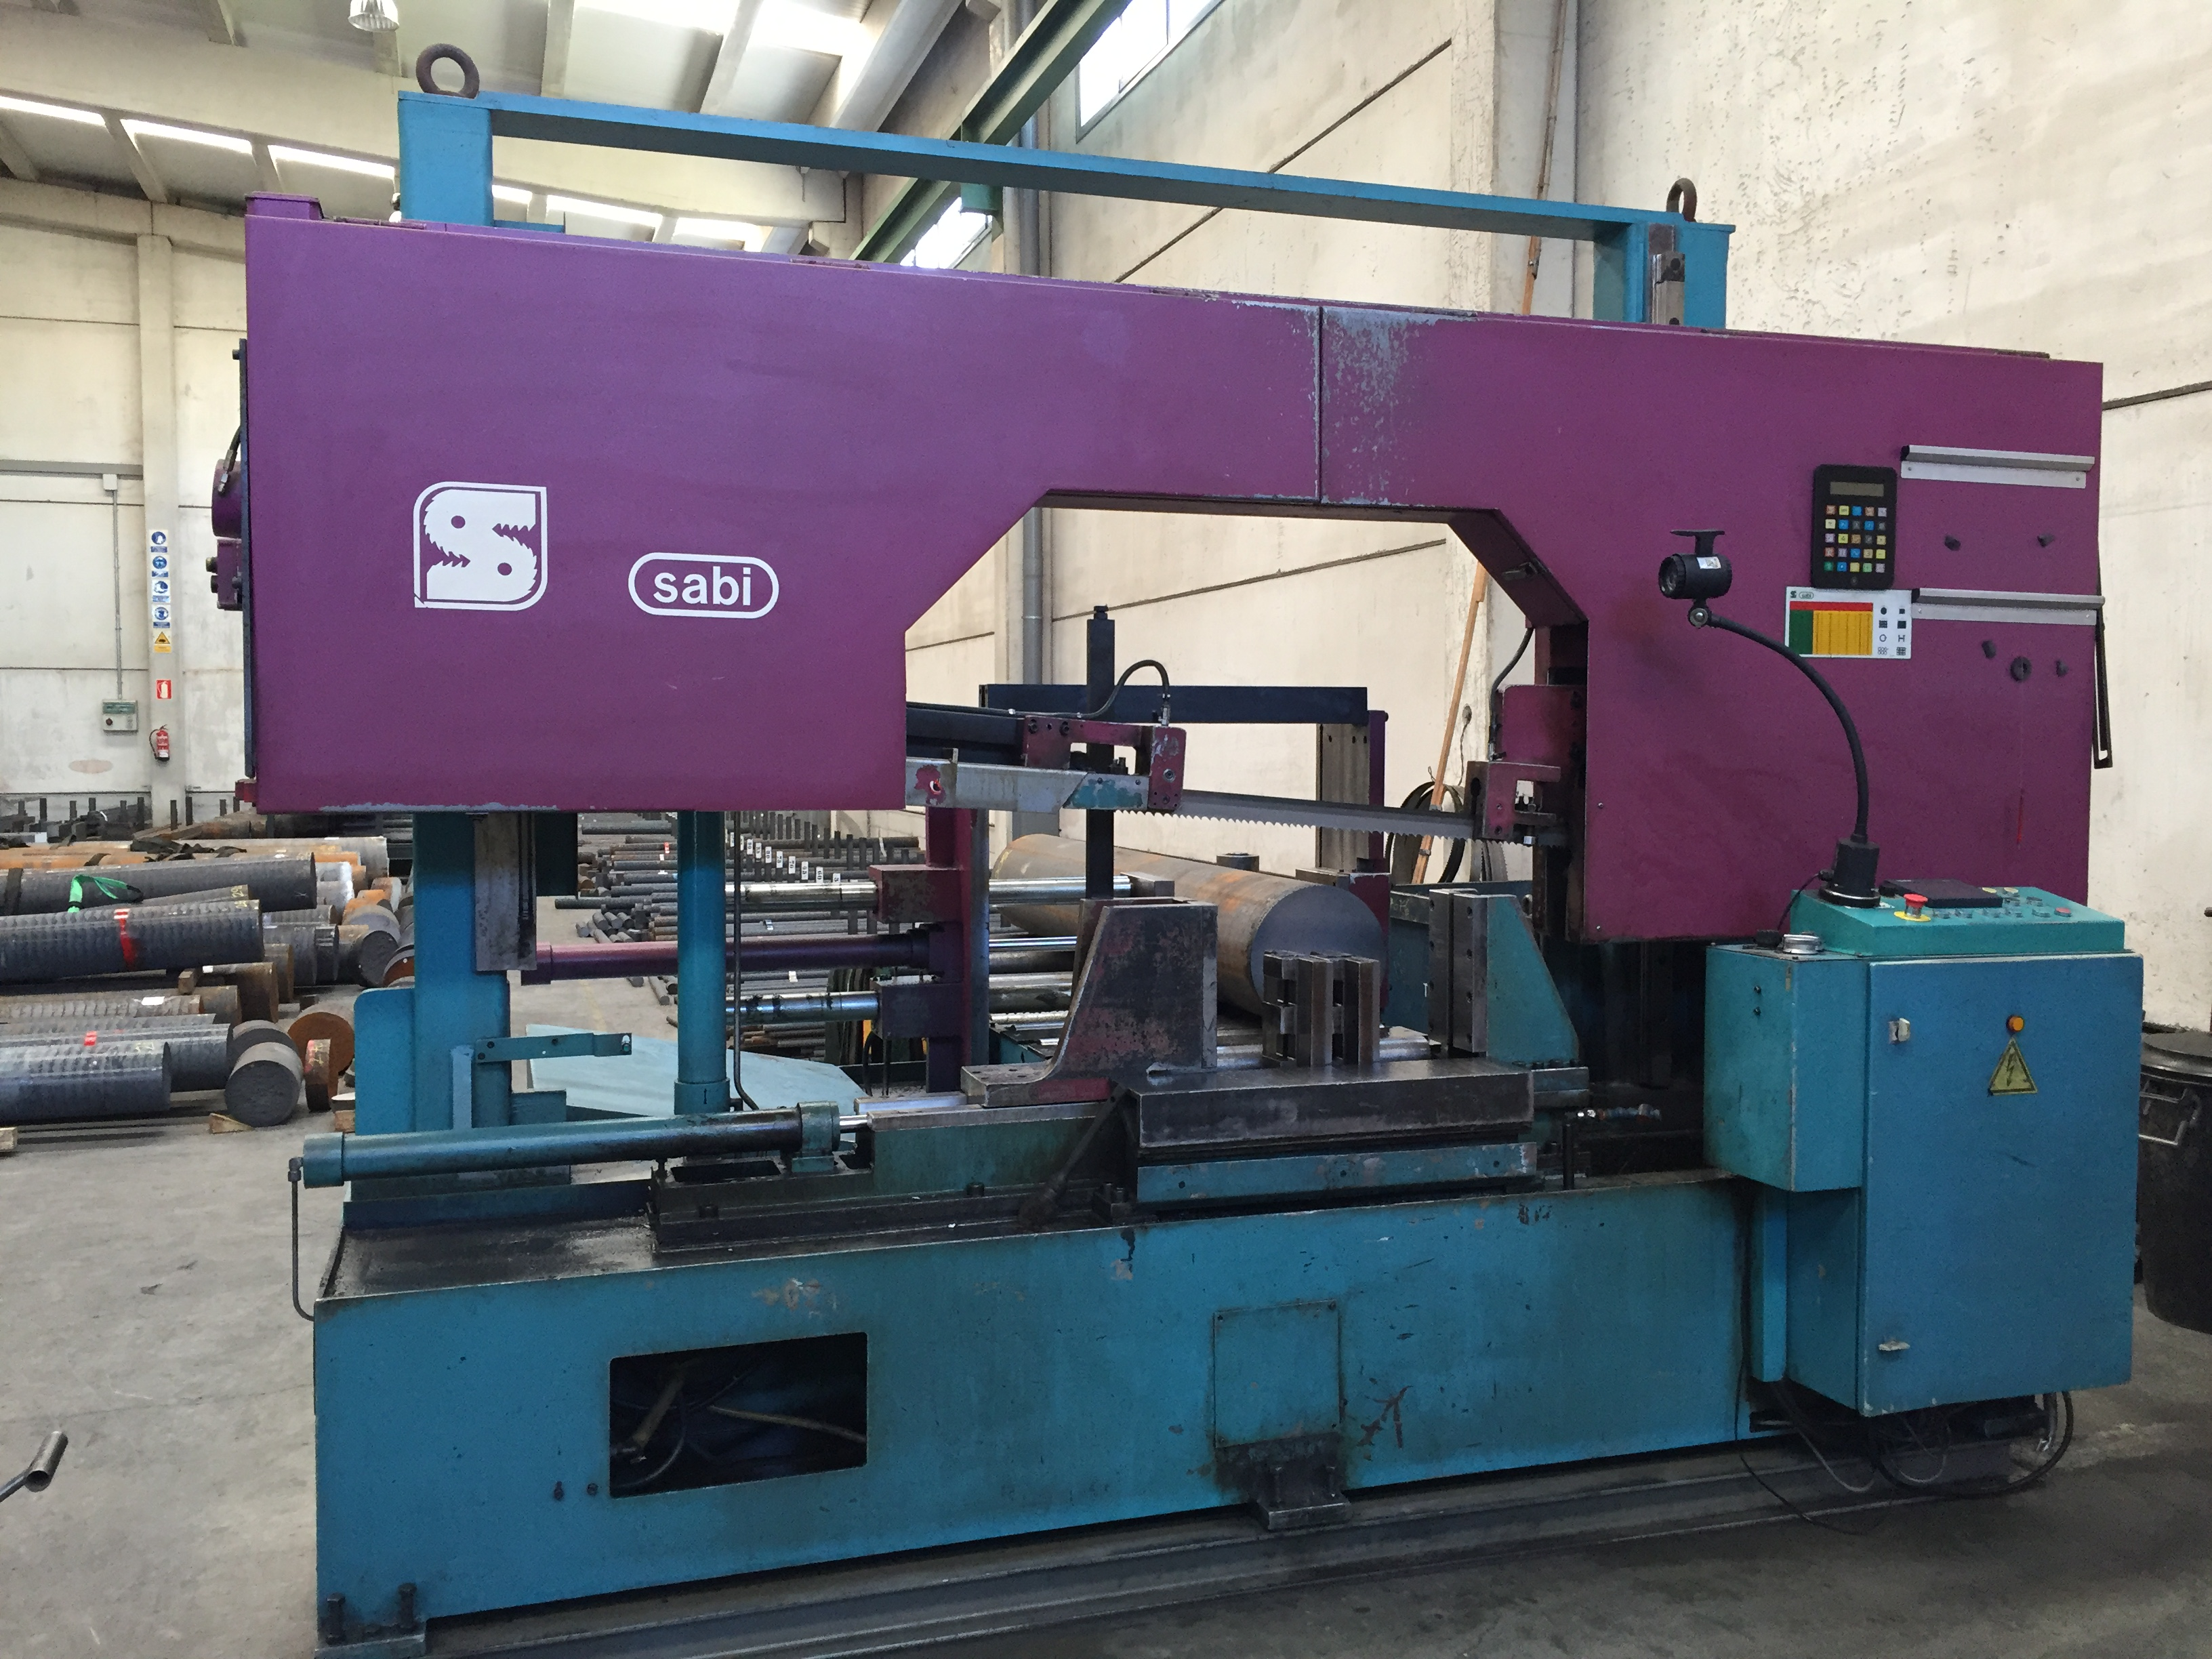 Sierra de cinta para metal sierras sabi pbs 550 maquinas - Sierra de cinta para metal ...